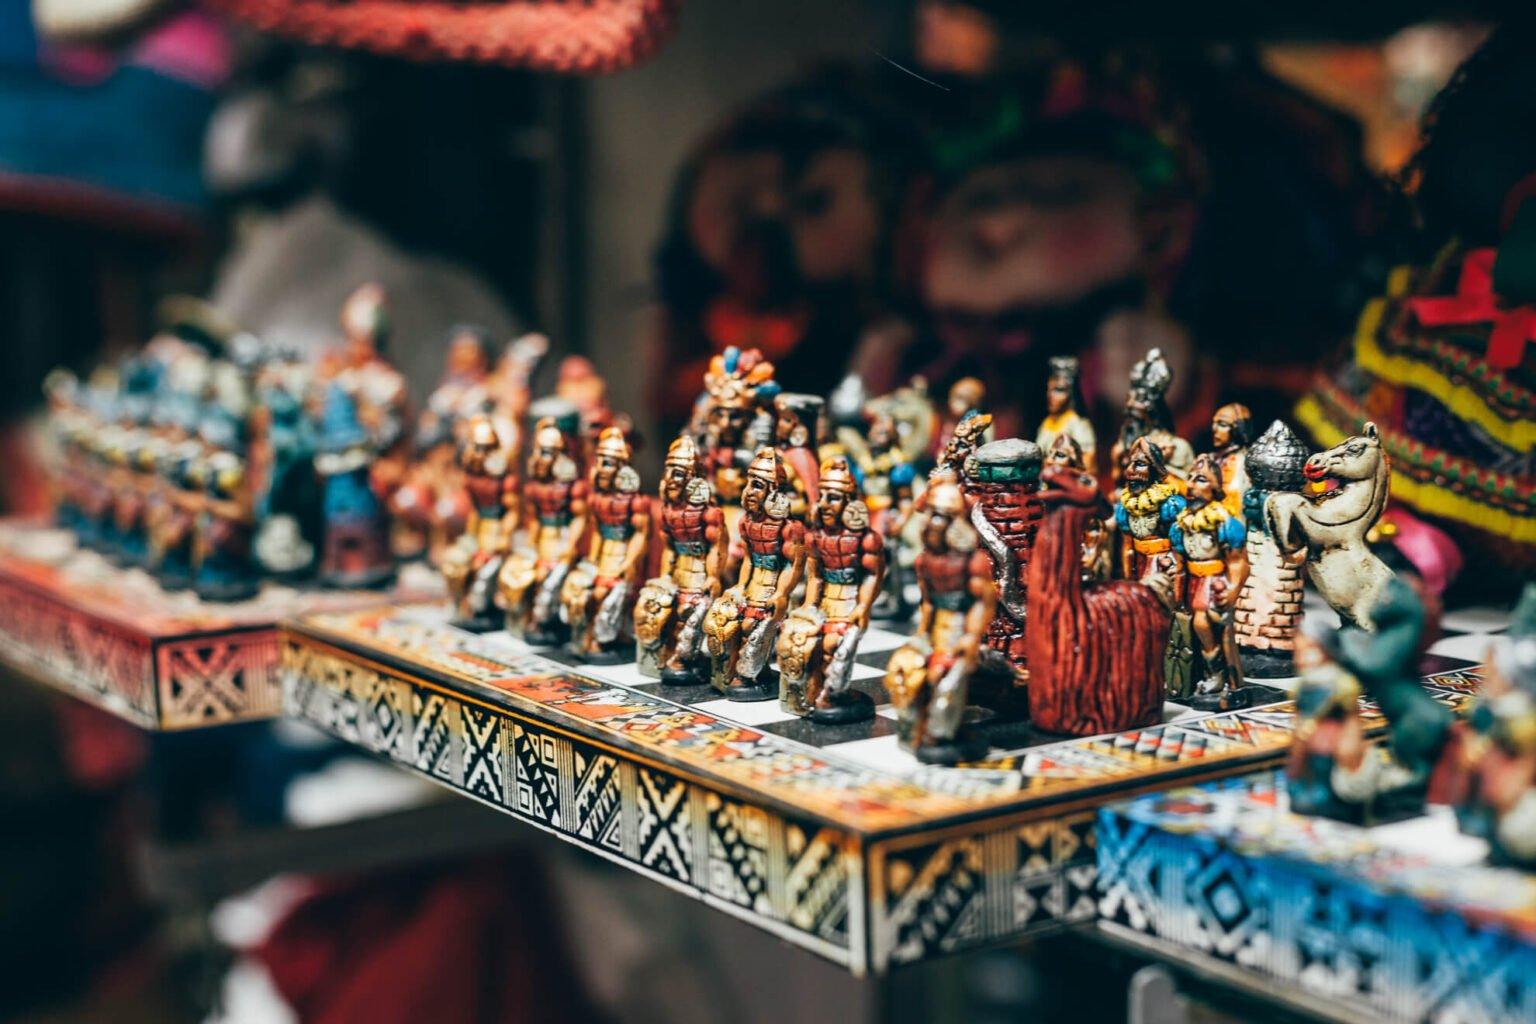 Esse tabuleiro de xadrez, que é vendido em todo lugar em Cusco, traz como peças os espanhóis e os incas.